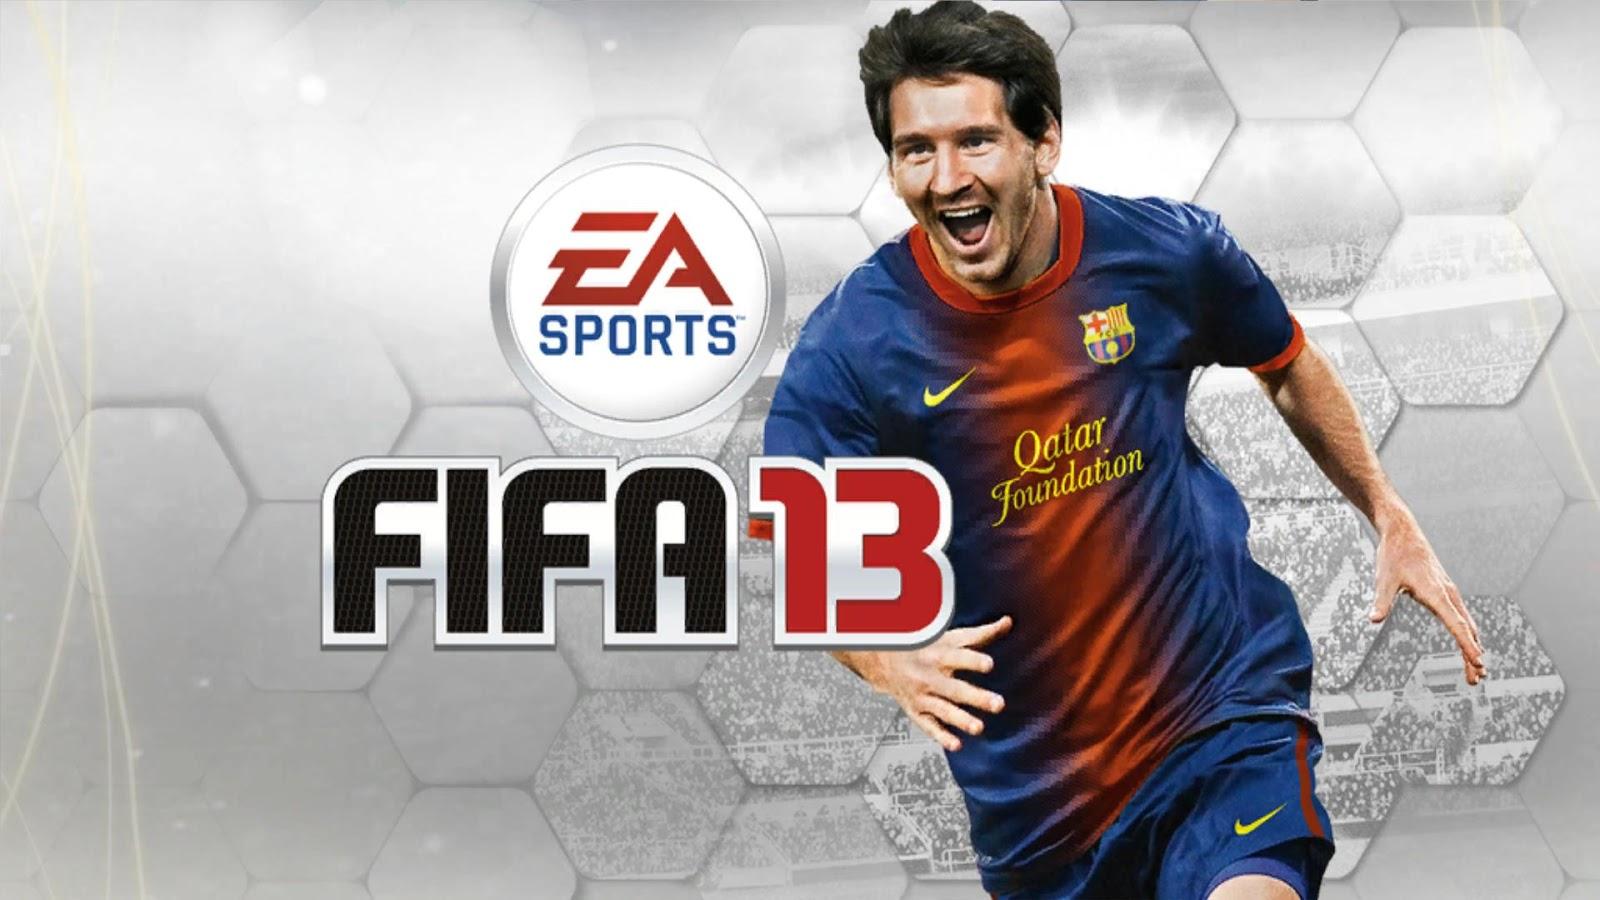 تحميل لعبة كرة القدم فيفا 13 - FIFA 13